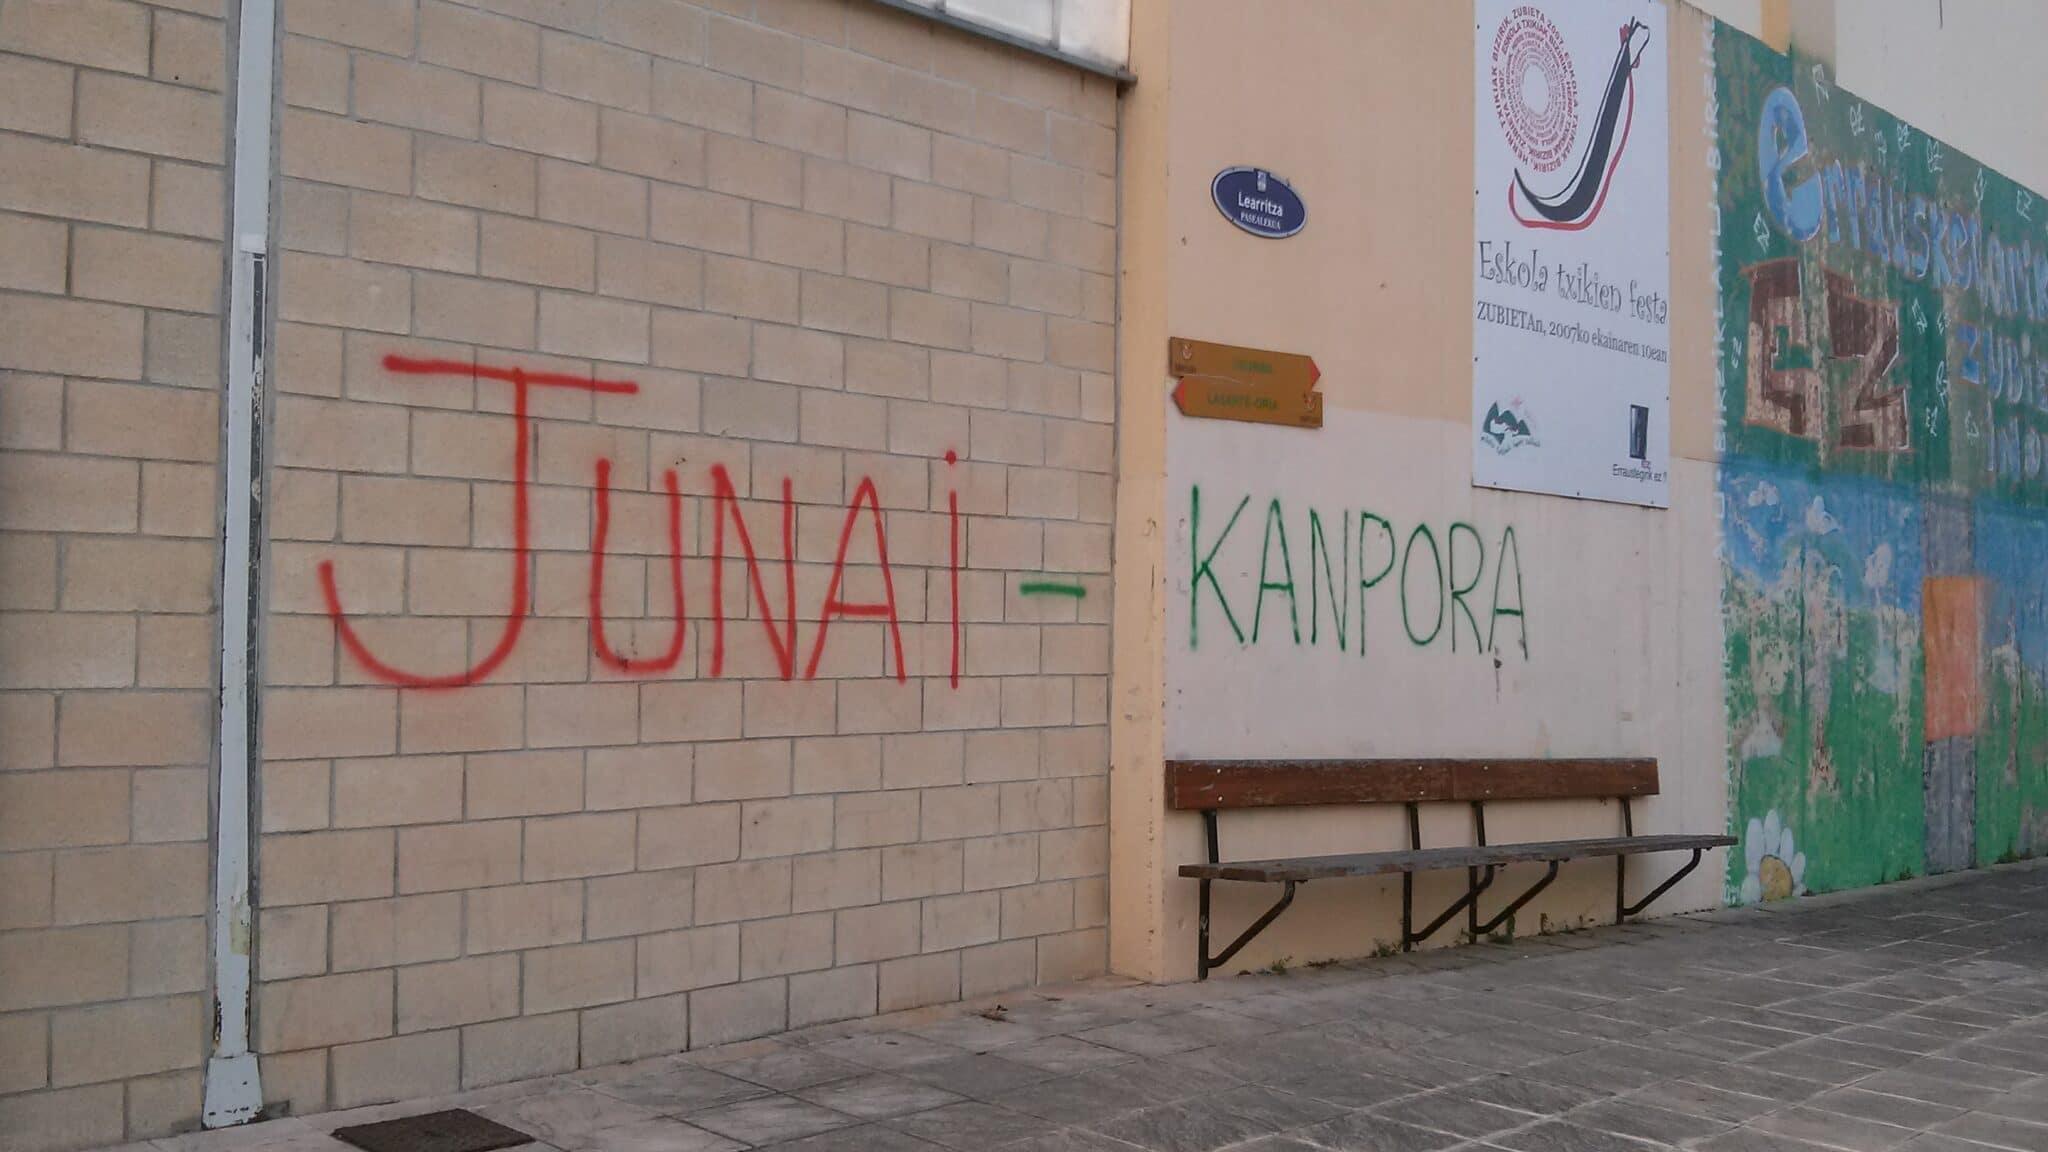 JunaiKampora1 scaled - El Ayuntamiento estudia la denuncia de acoso de una familia en Zubieta